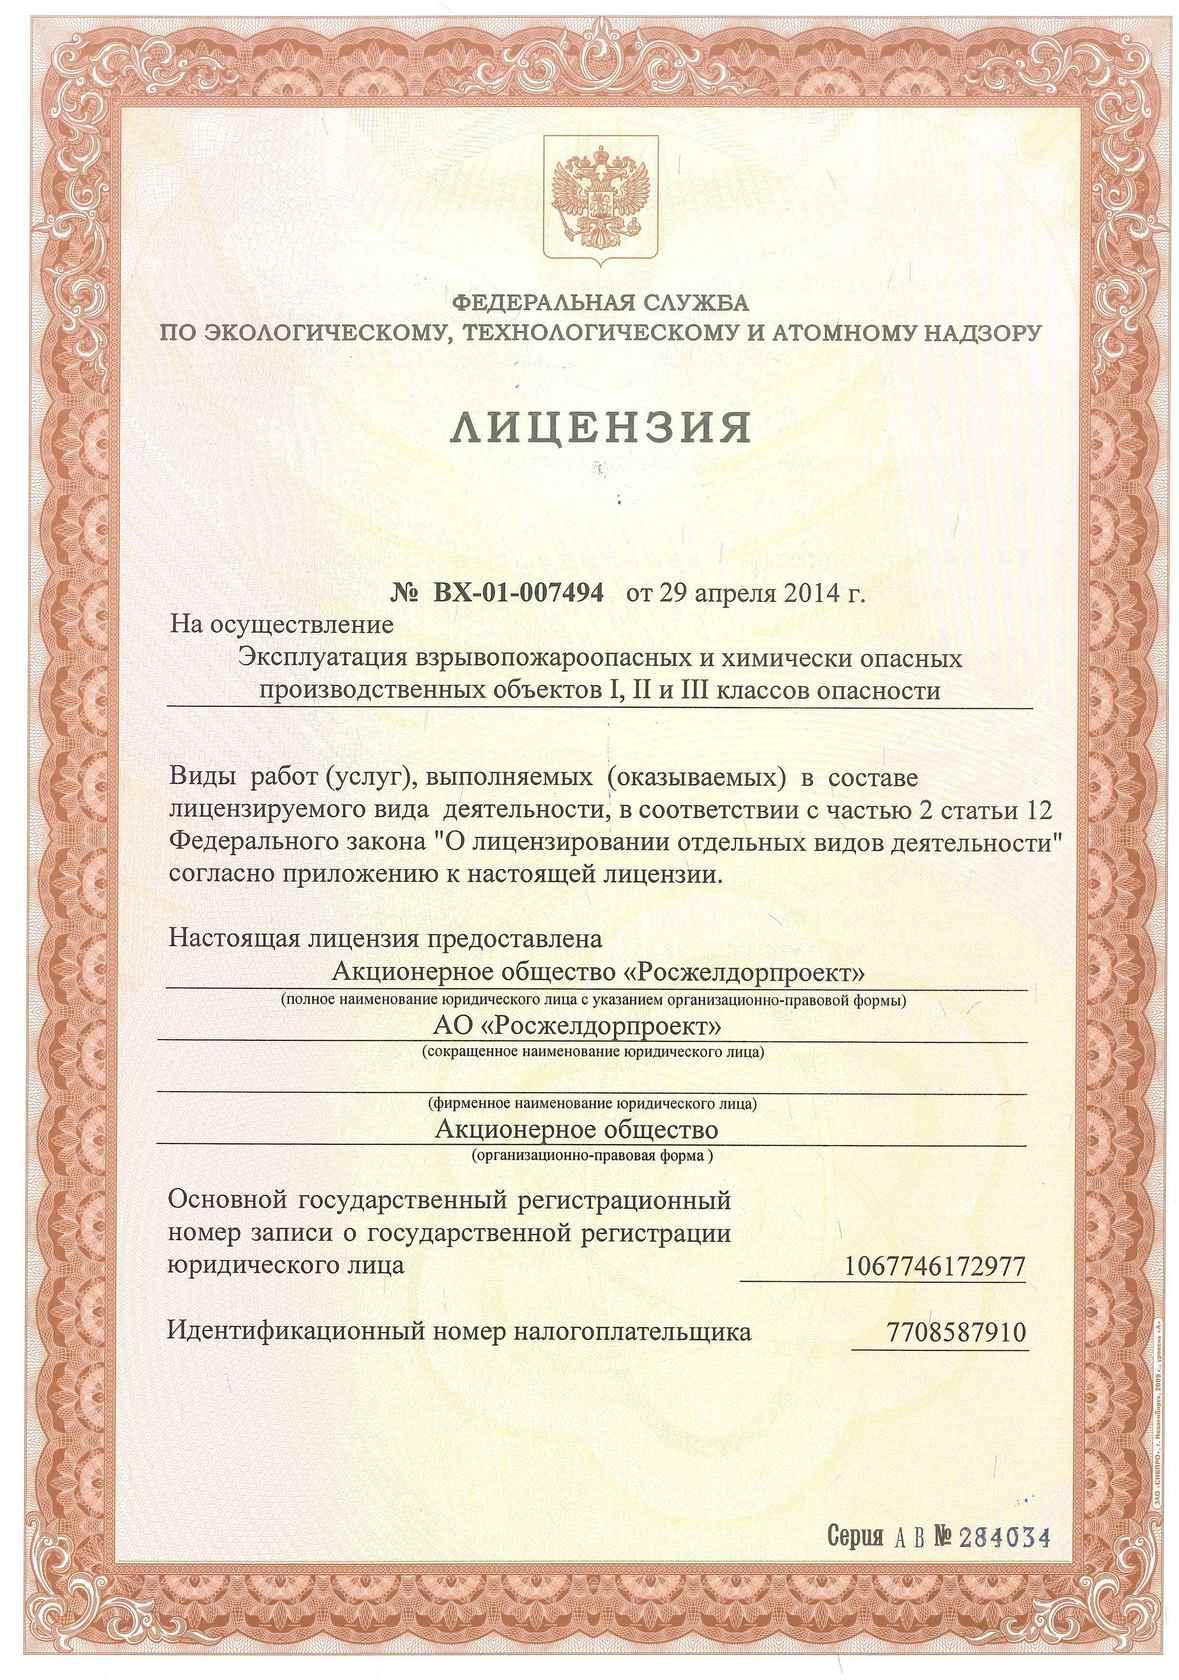 Лицензия на осуществление эксплуатации взрывопожароопасных и химически опасных производственных объектов I. II и III классов опасности